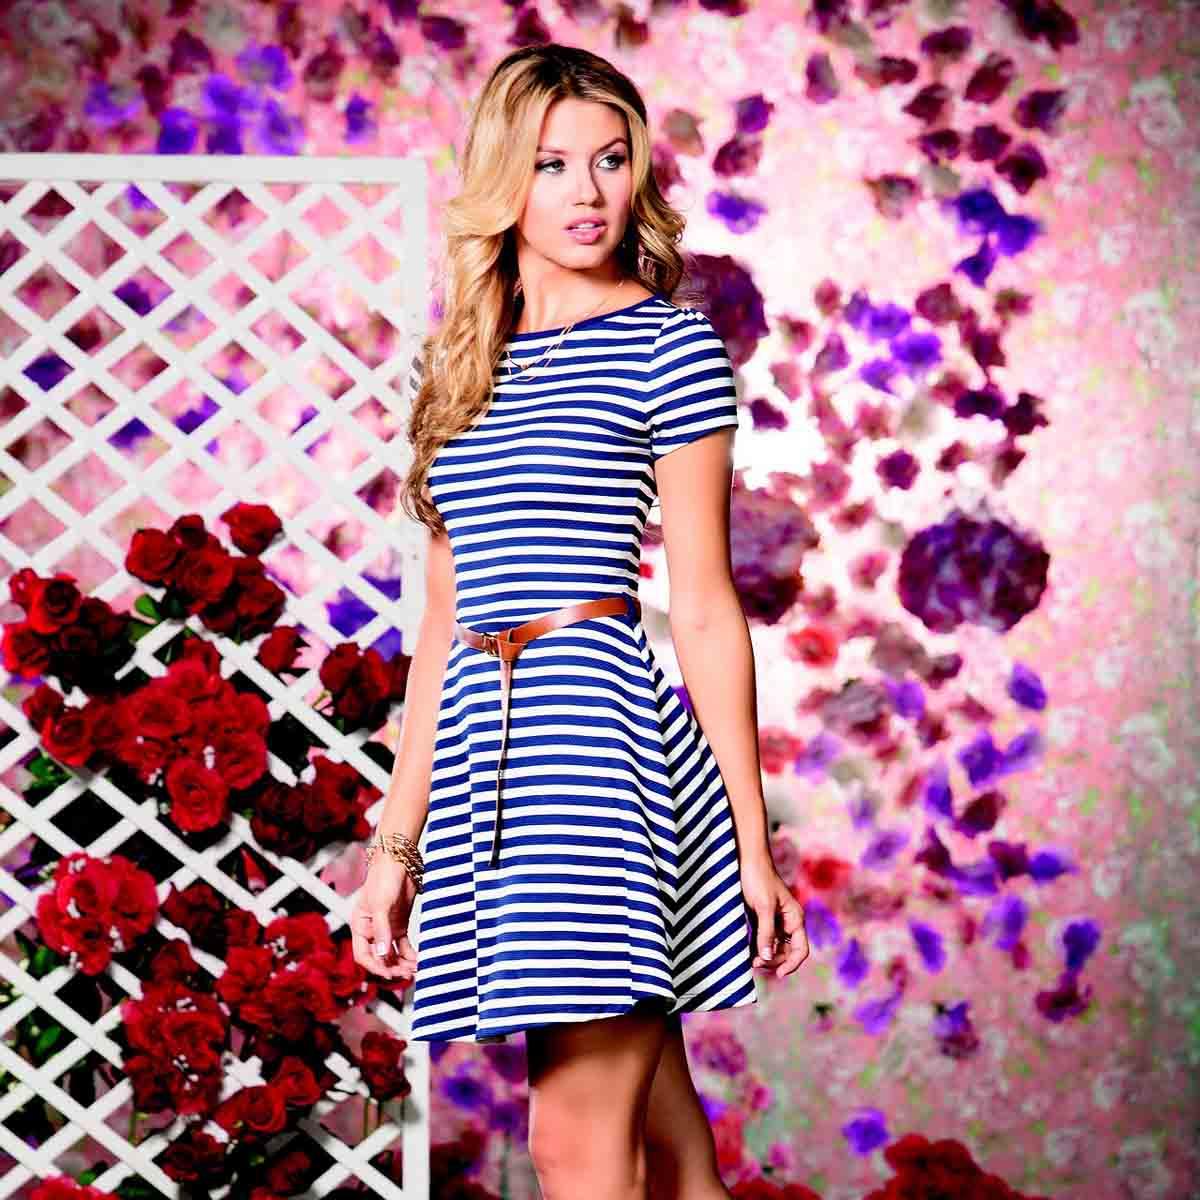 Streifen Kleid Highheels